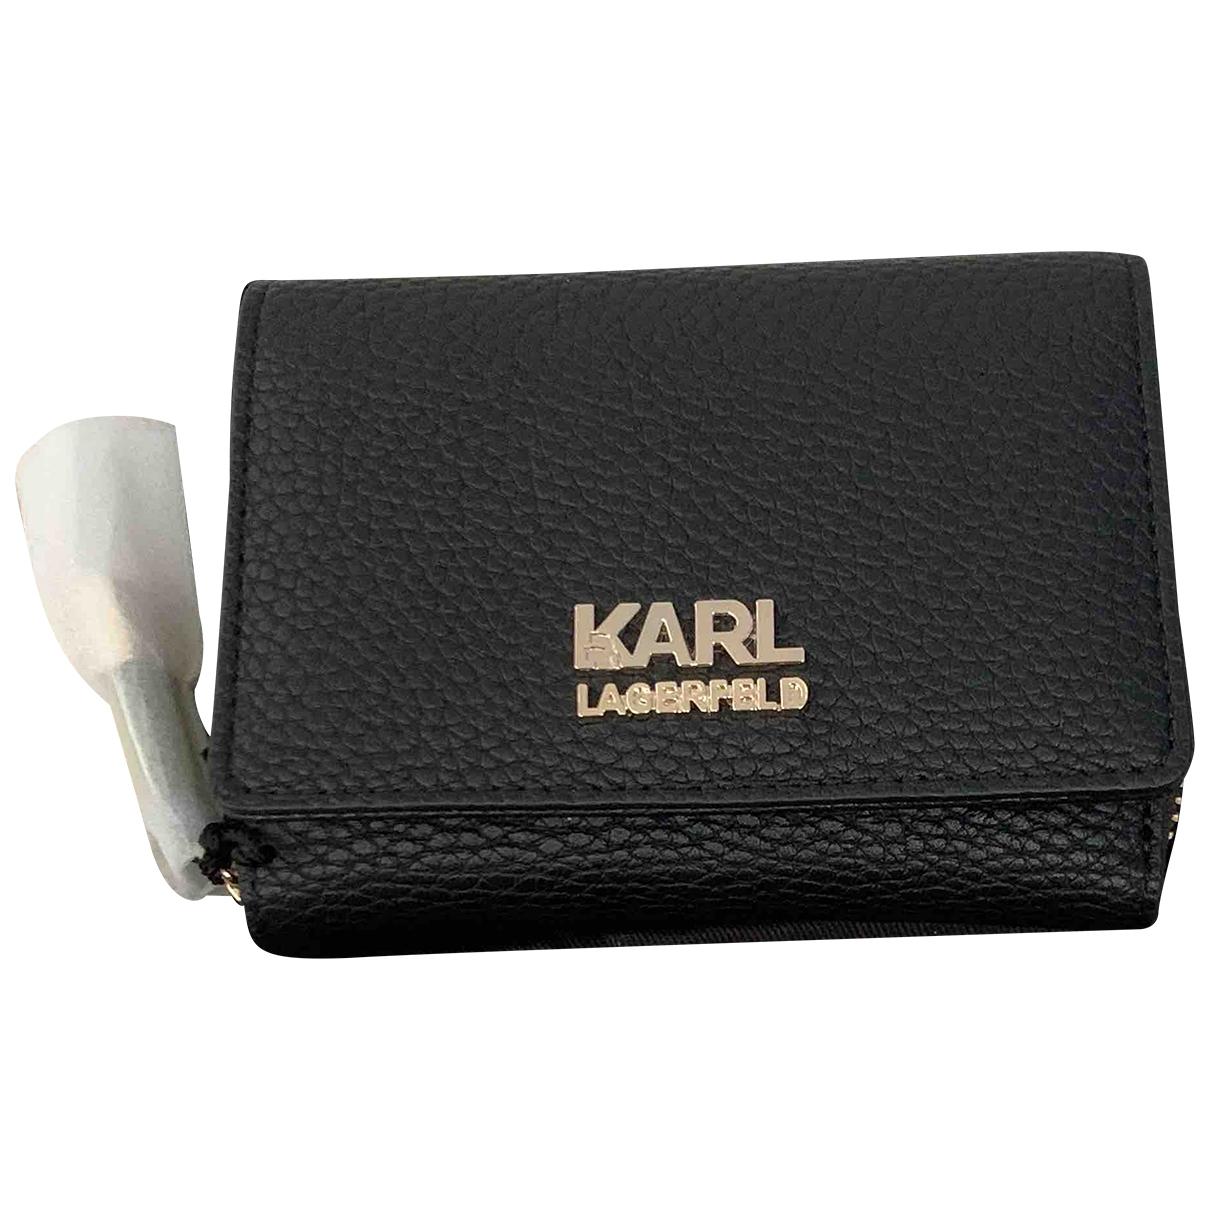 Karl Lagerfeld - Portefeuille   pour femme en cuir - noir